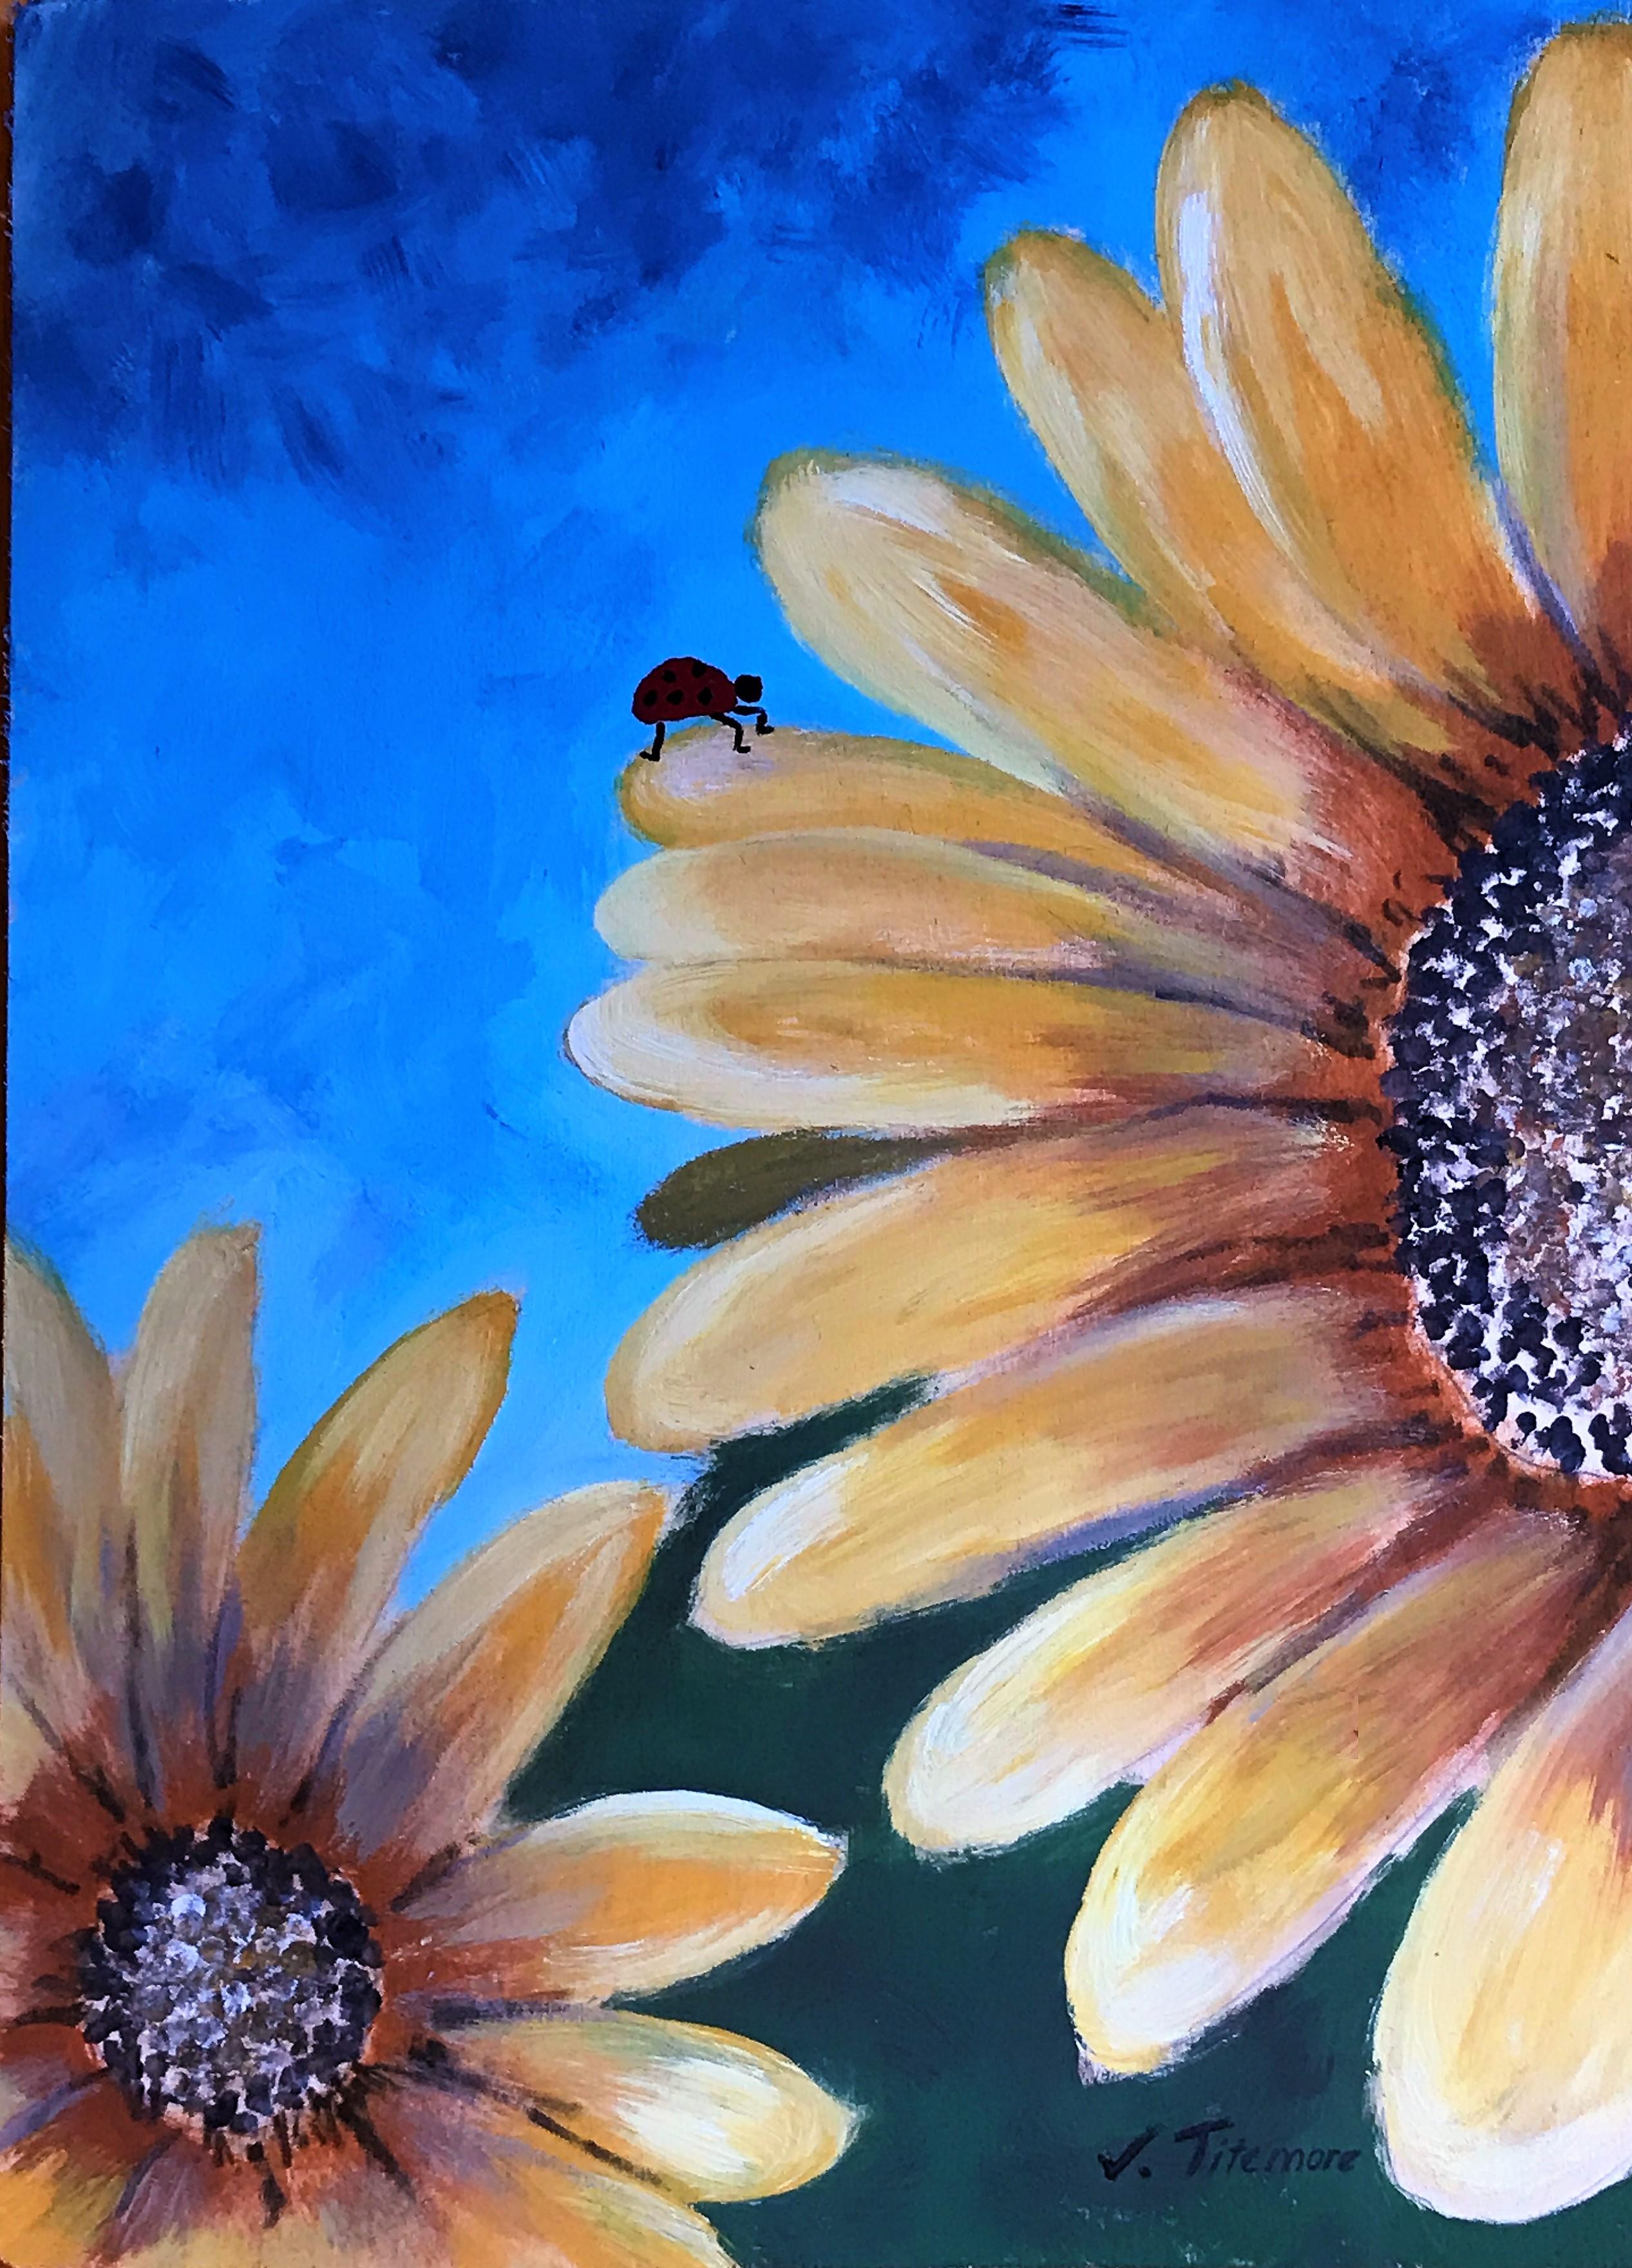 Sunflower & Ladybug